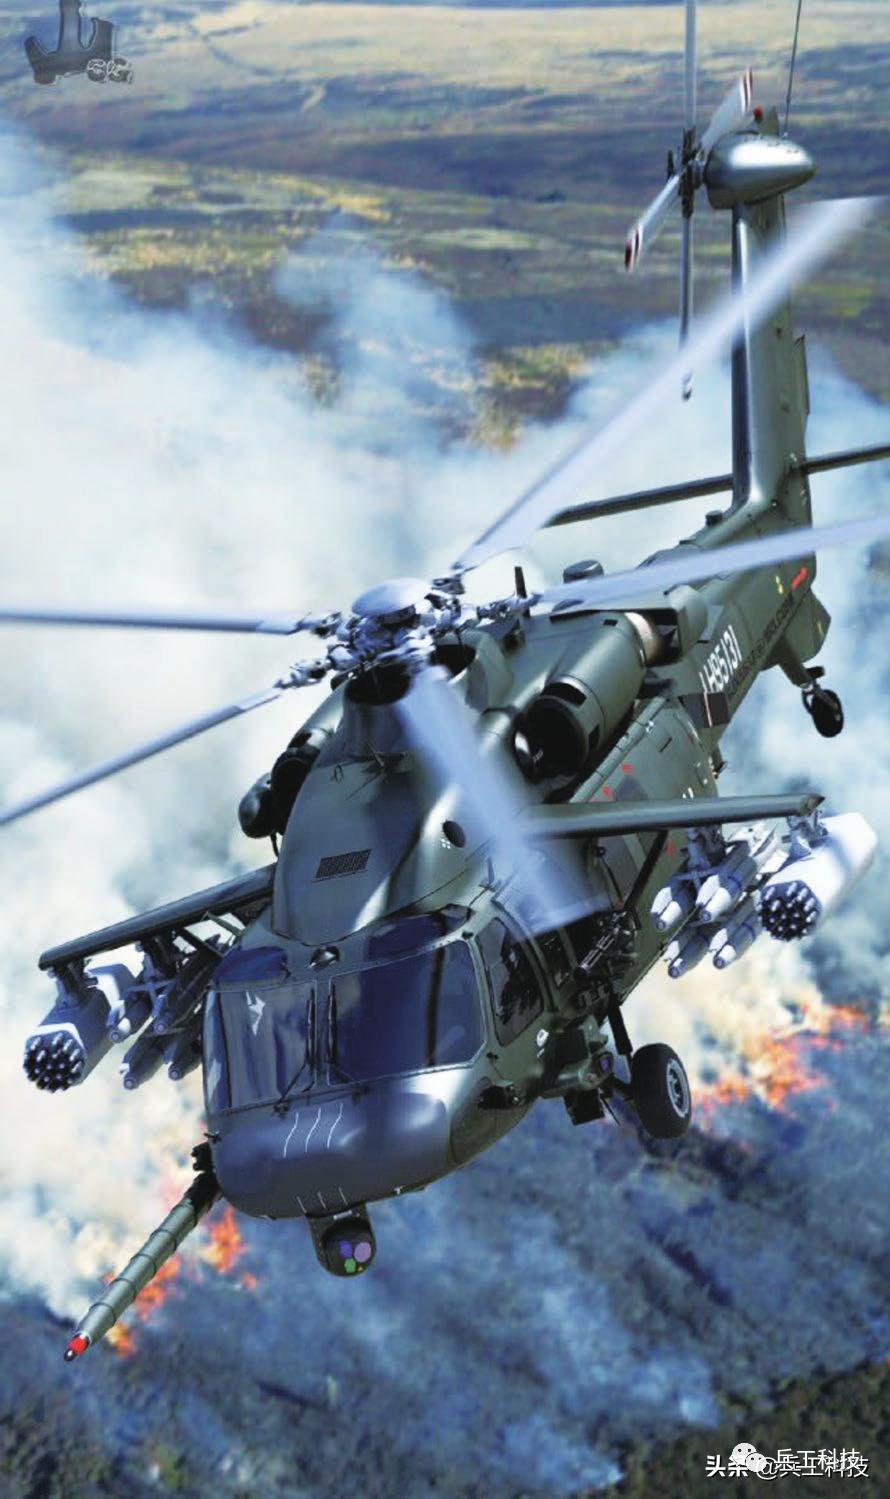 火力异常凶猛,直-20未来会挂载哪些机载武器?